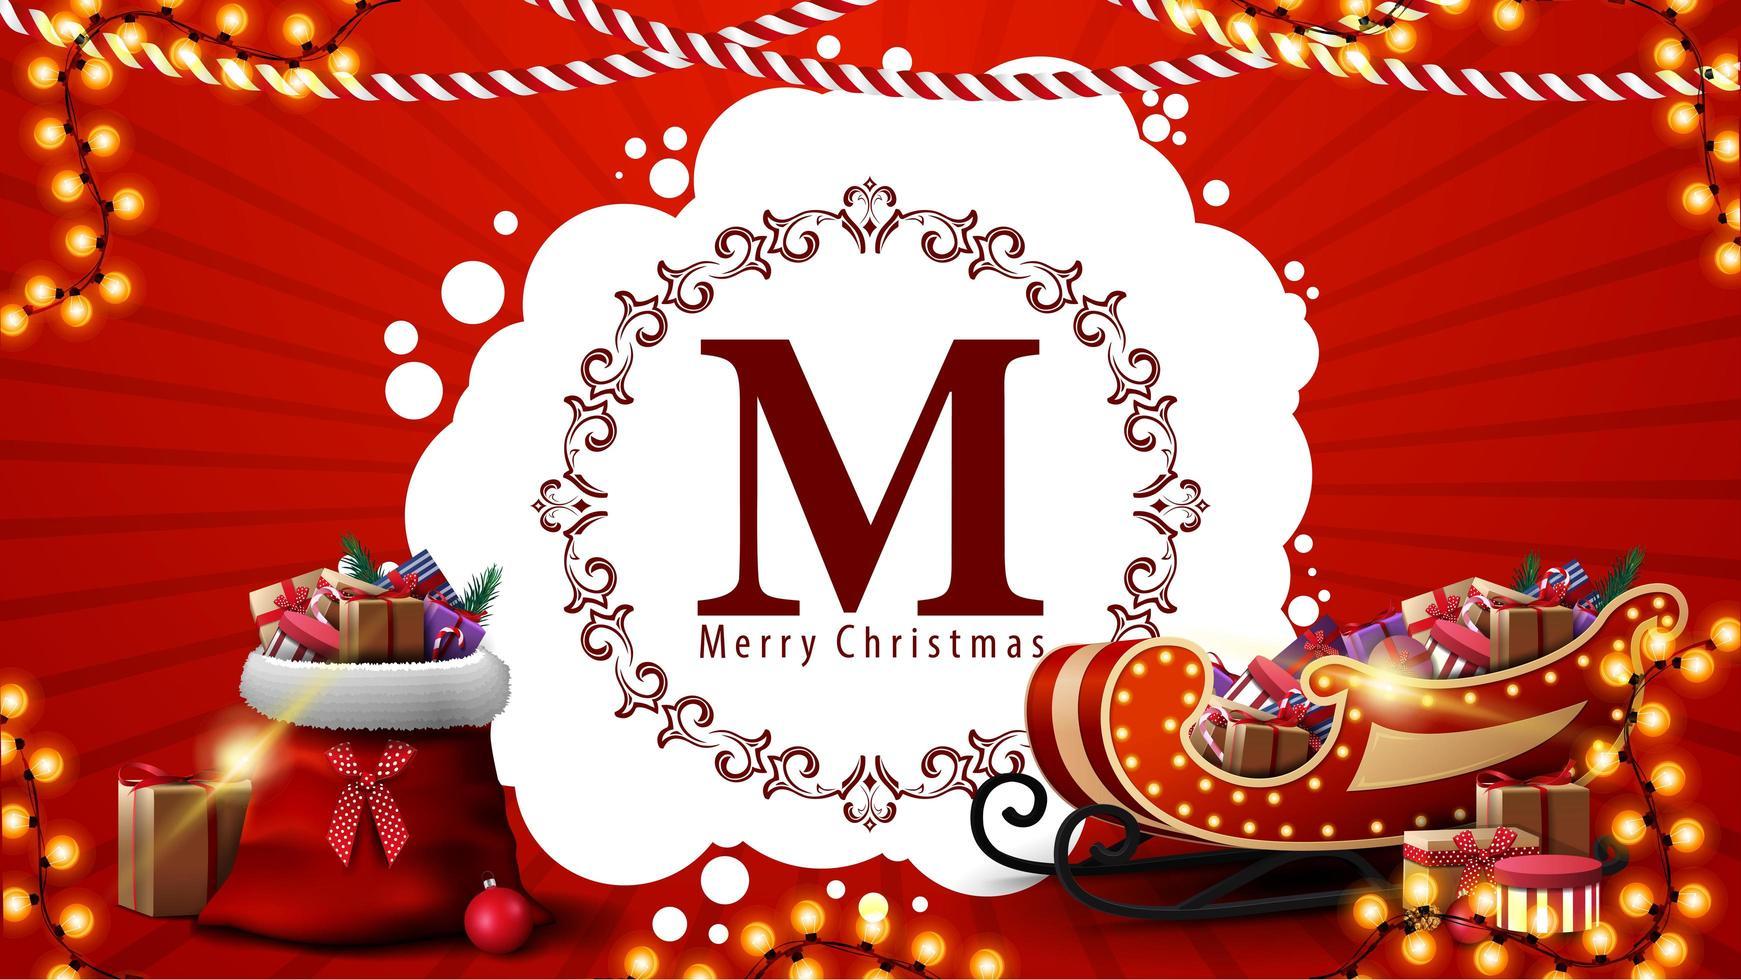 feliz navidad, postal roja con logo de saludo redondo, guirnaldas, bolso de santa claus y trineo de santa con regalos vector